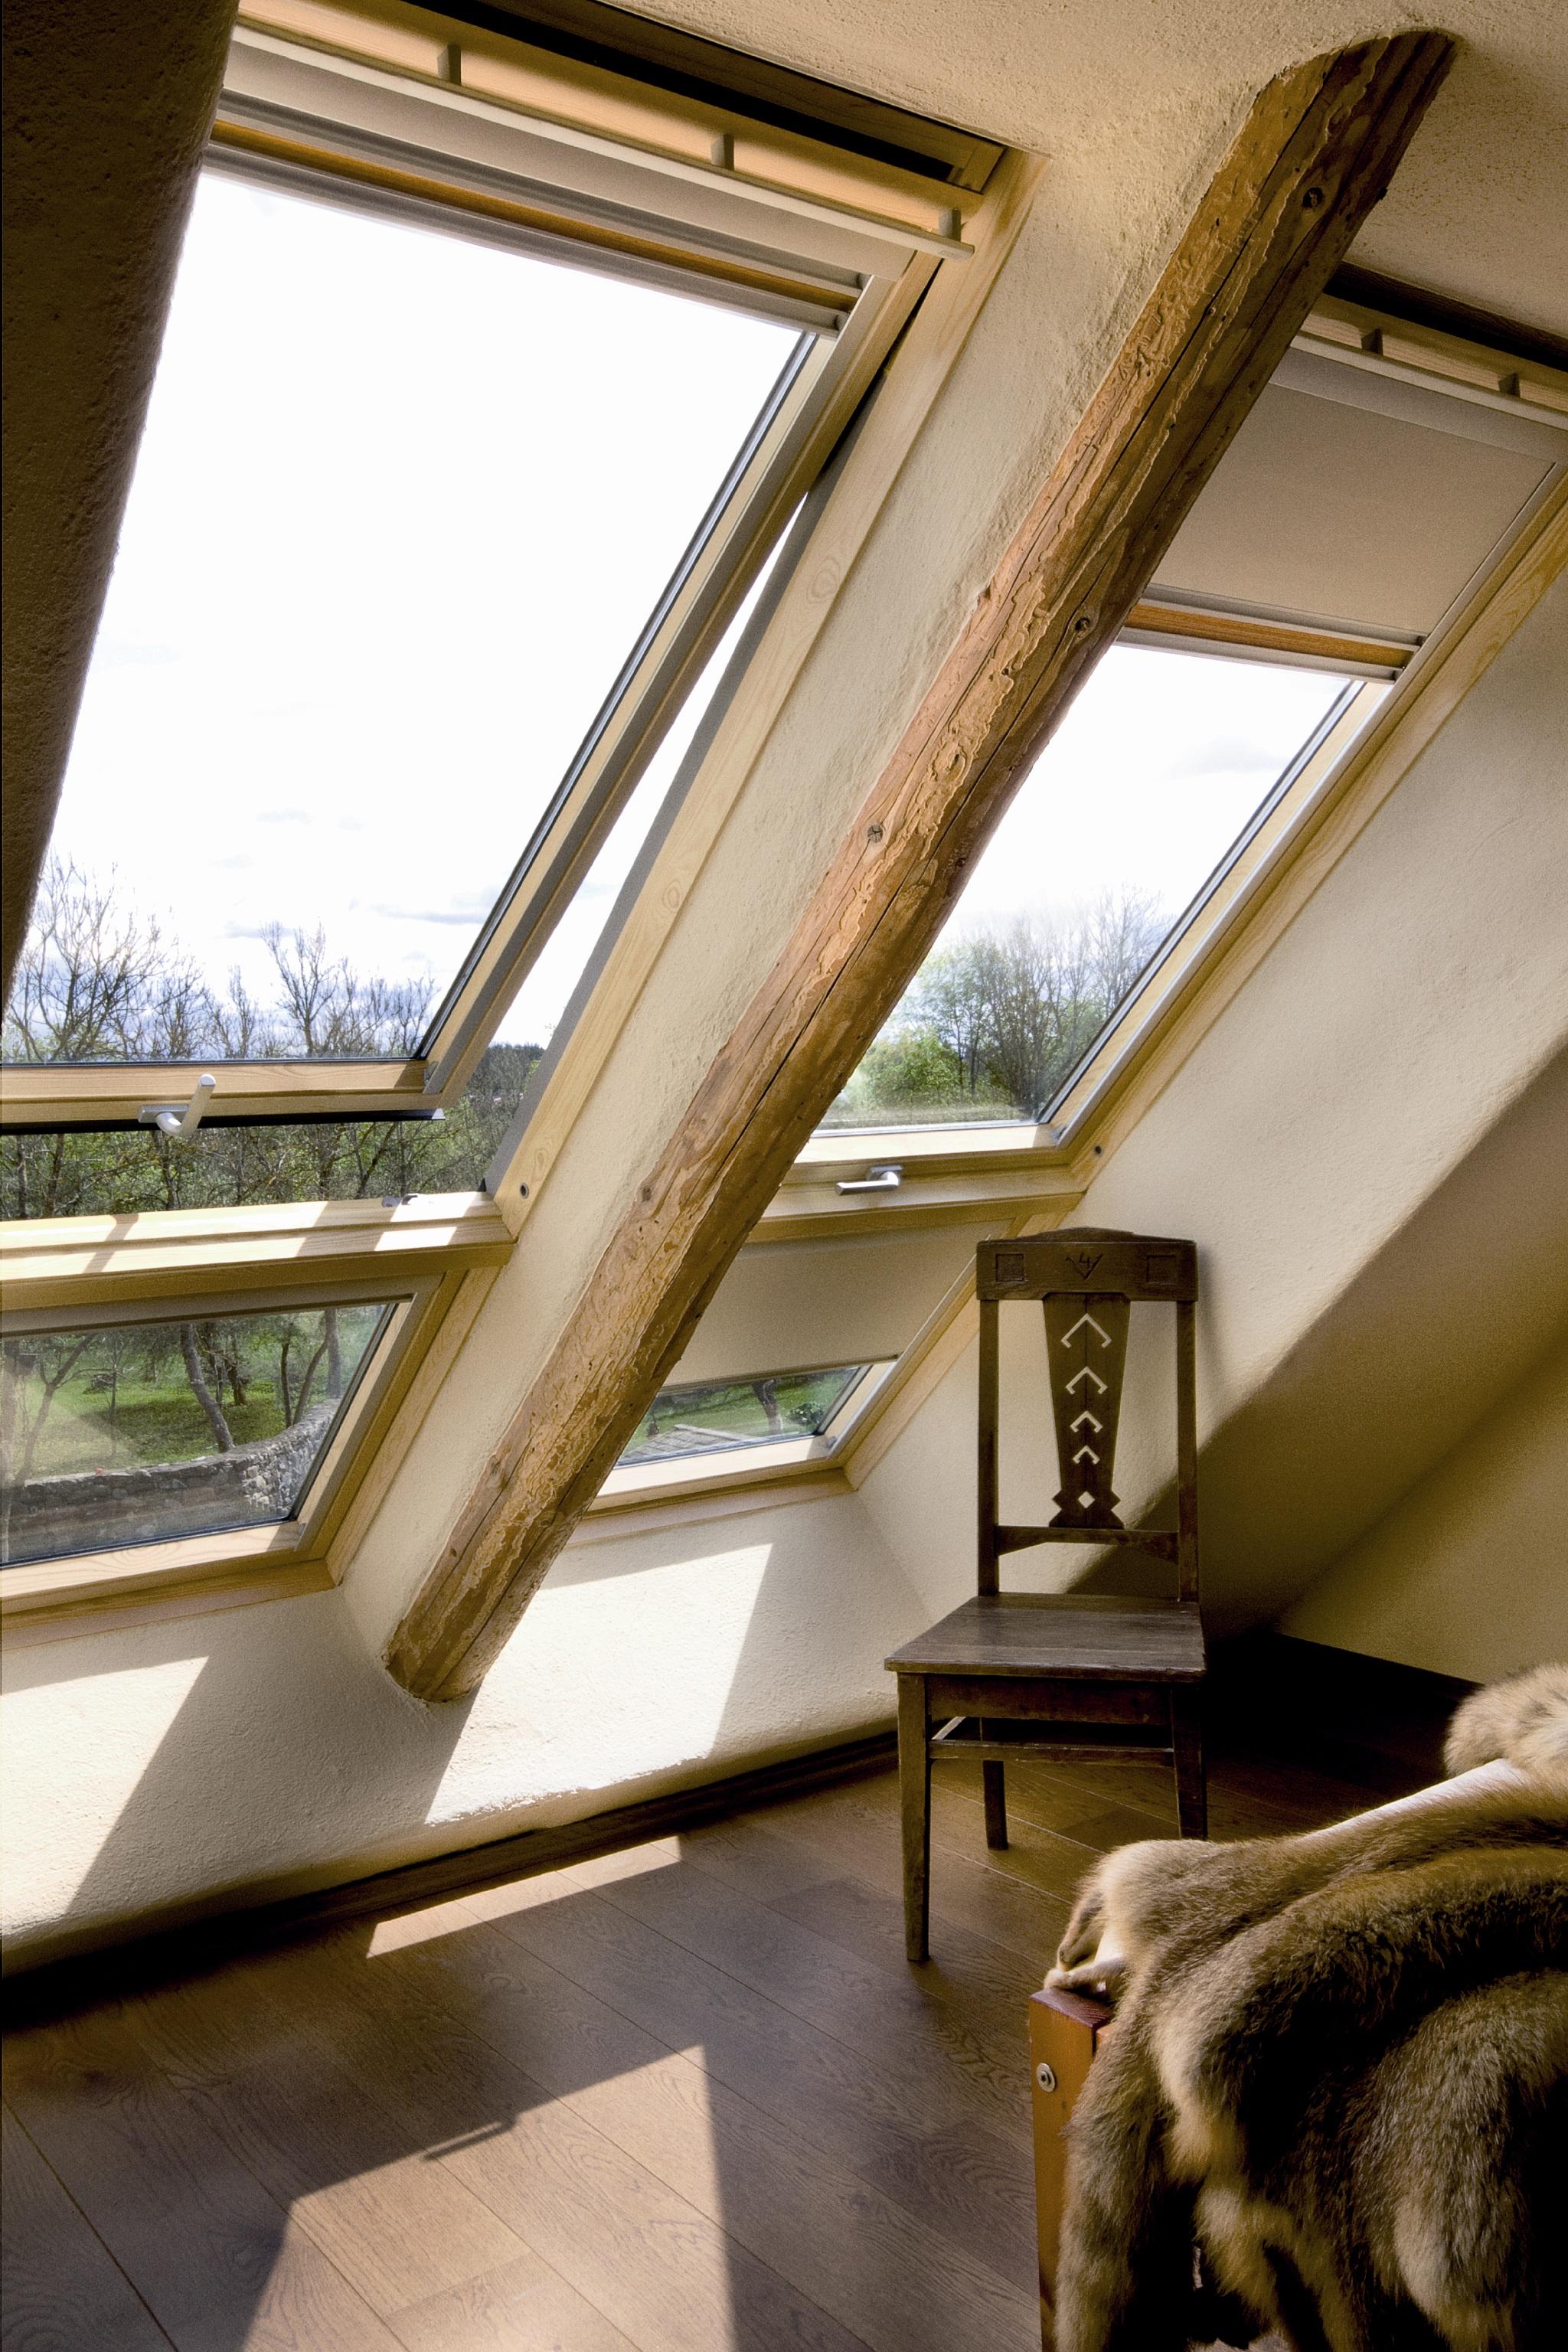 Tejado de madera amazing aislar tejado de madera por el - Estructura tejado madera ...